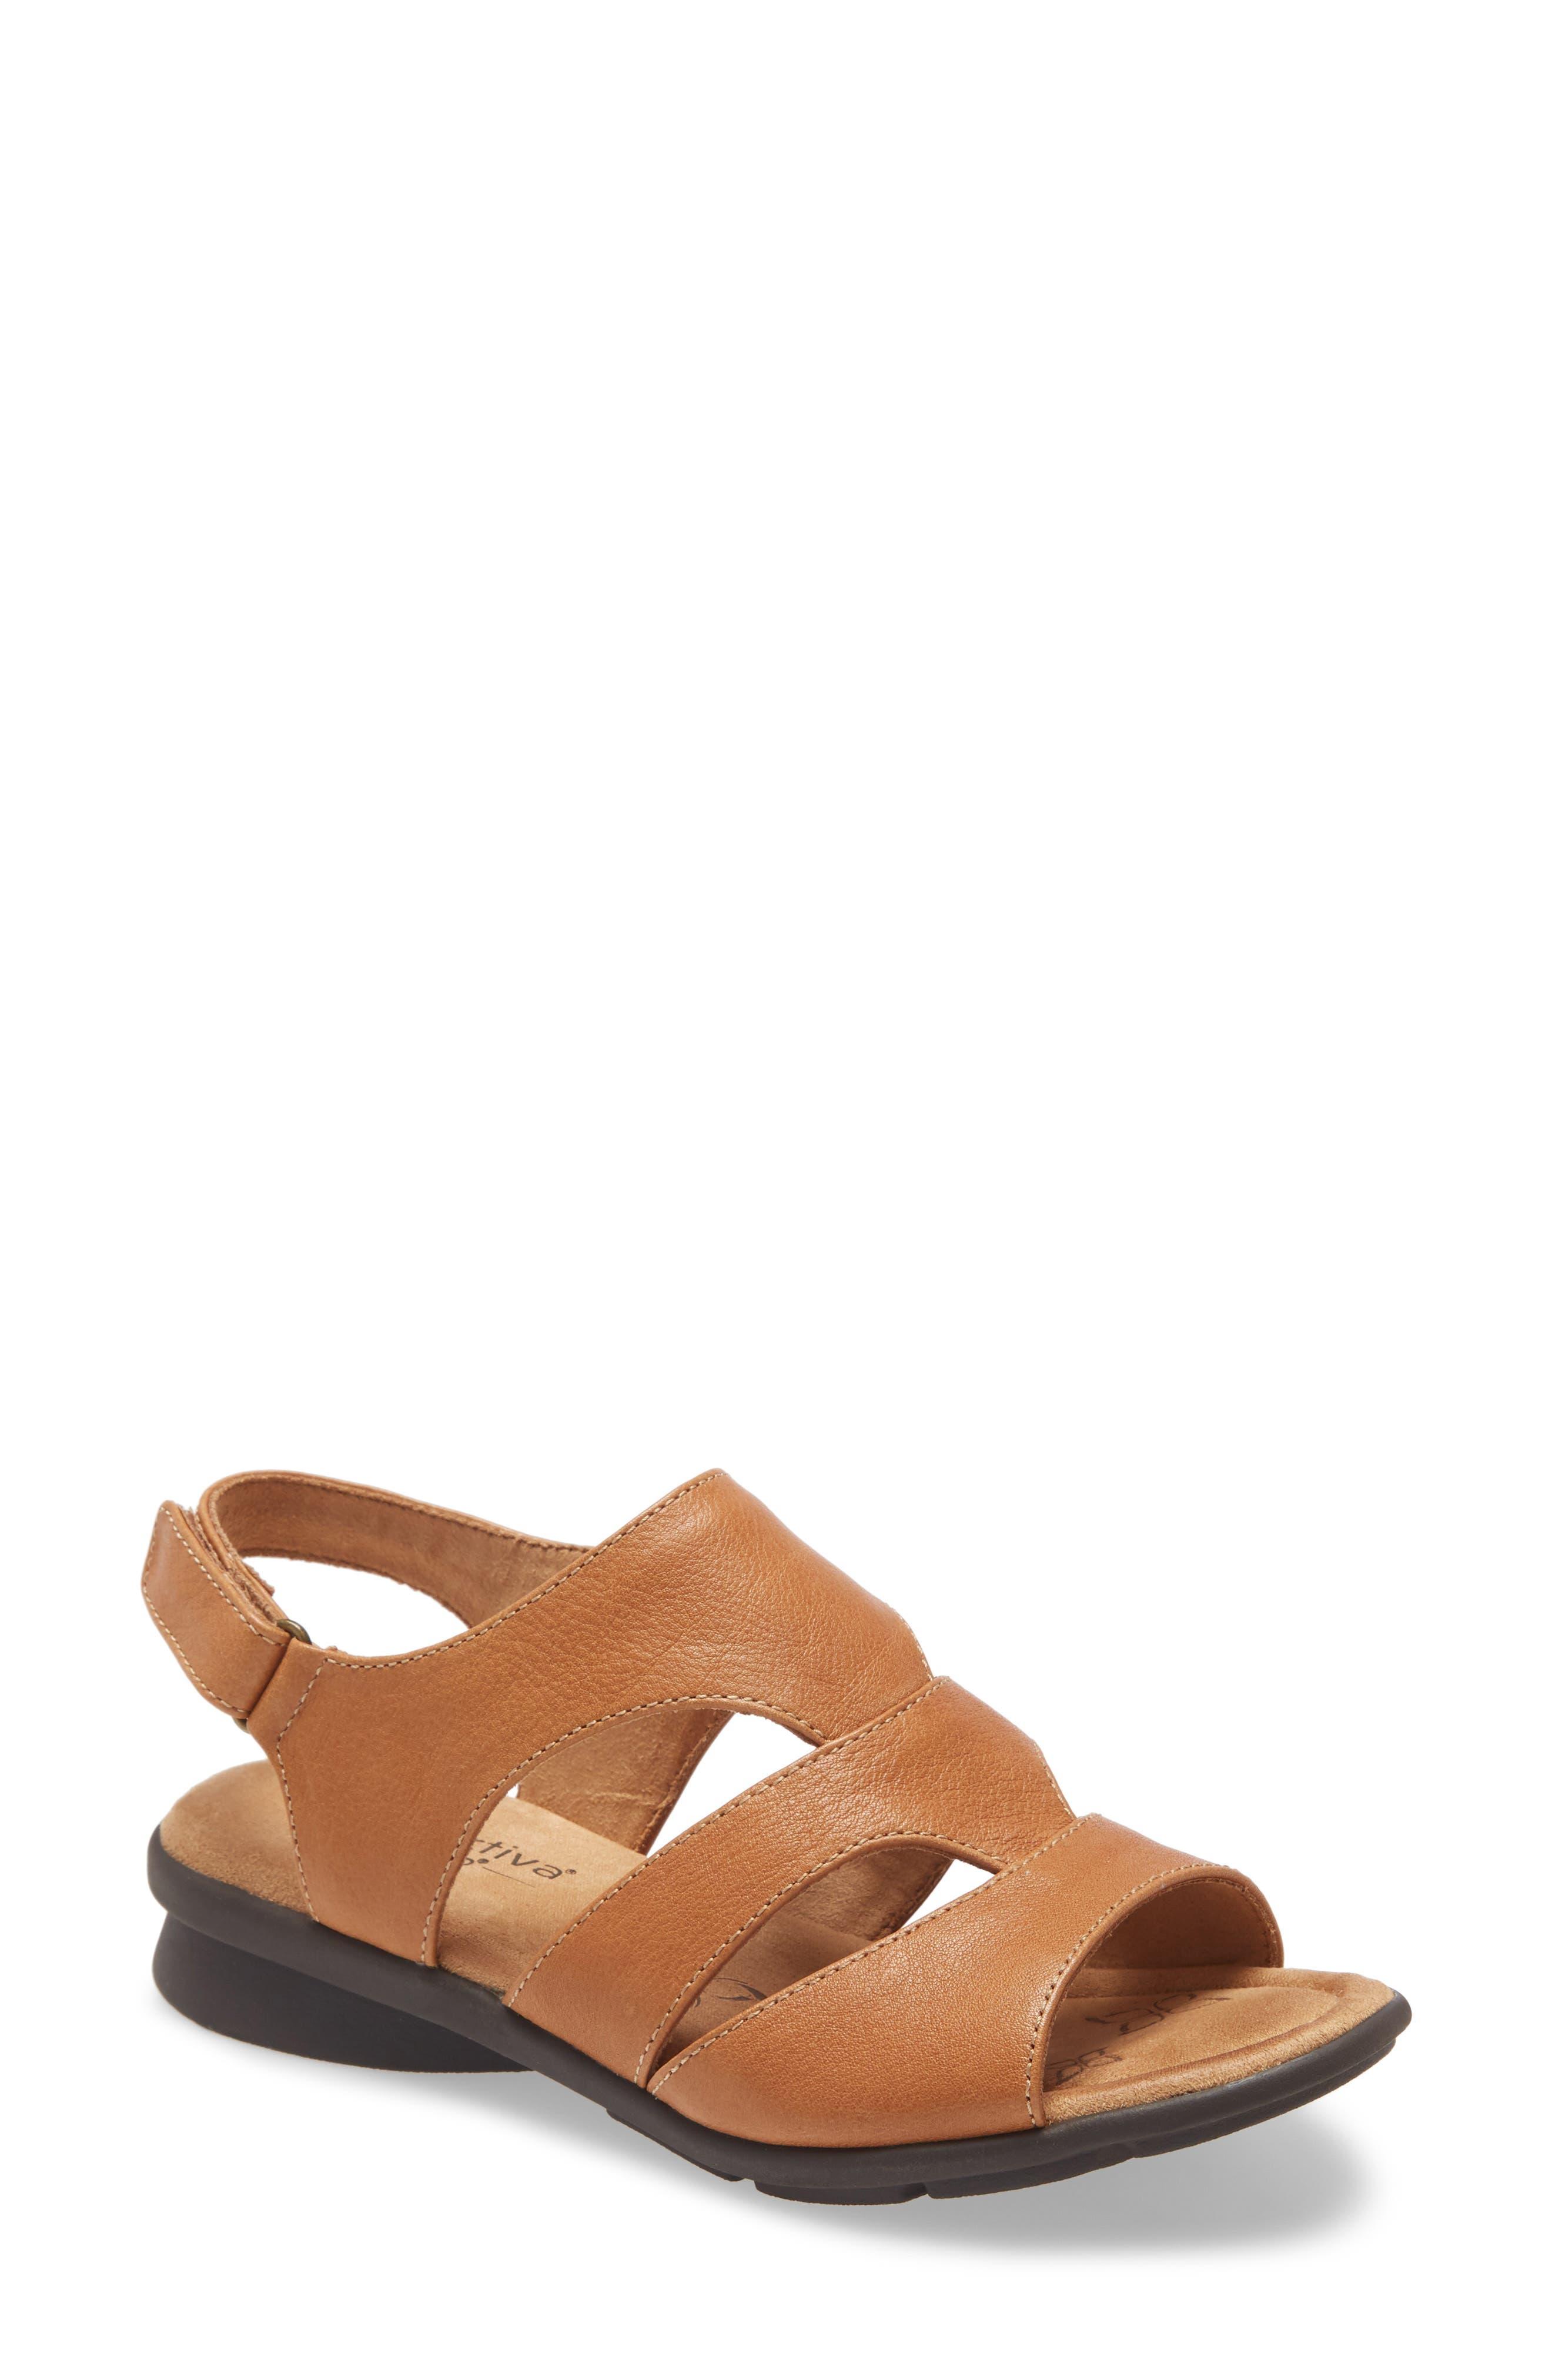 Parma Sandal